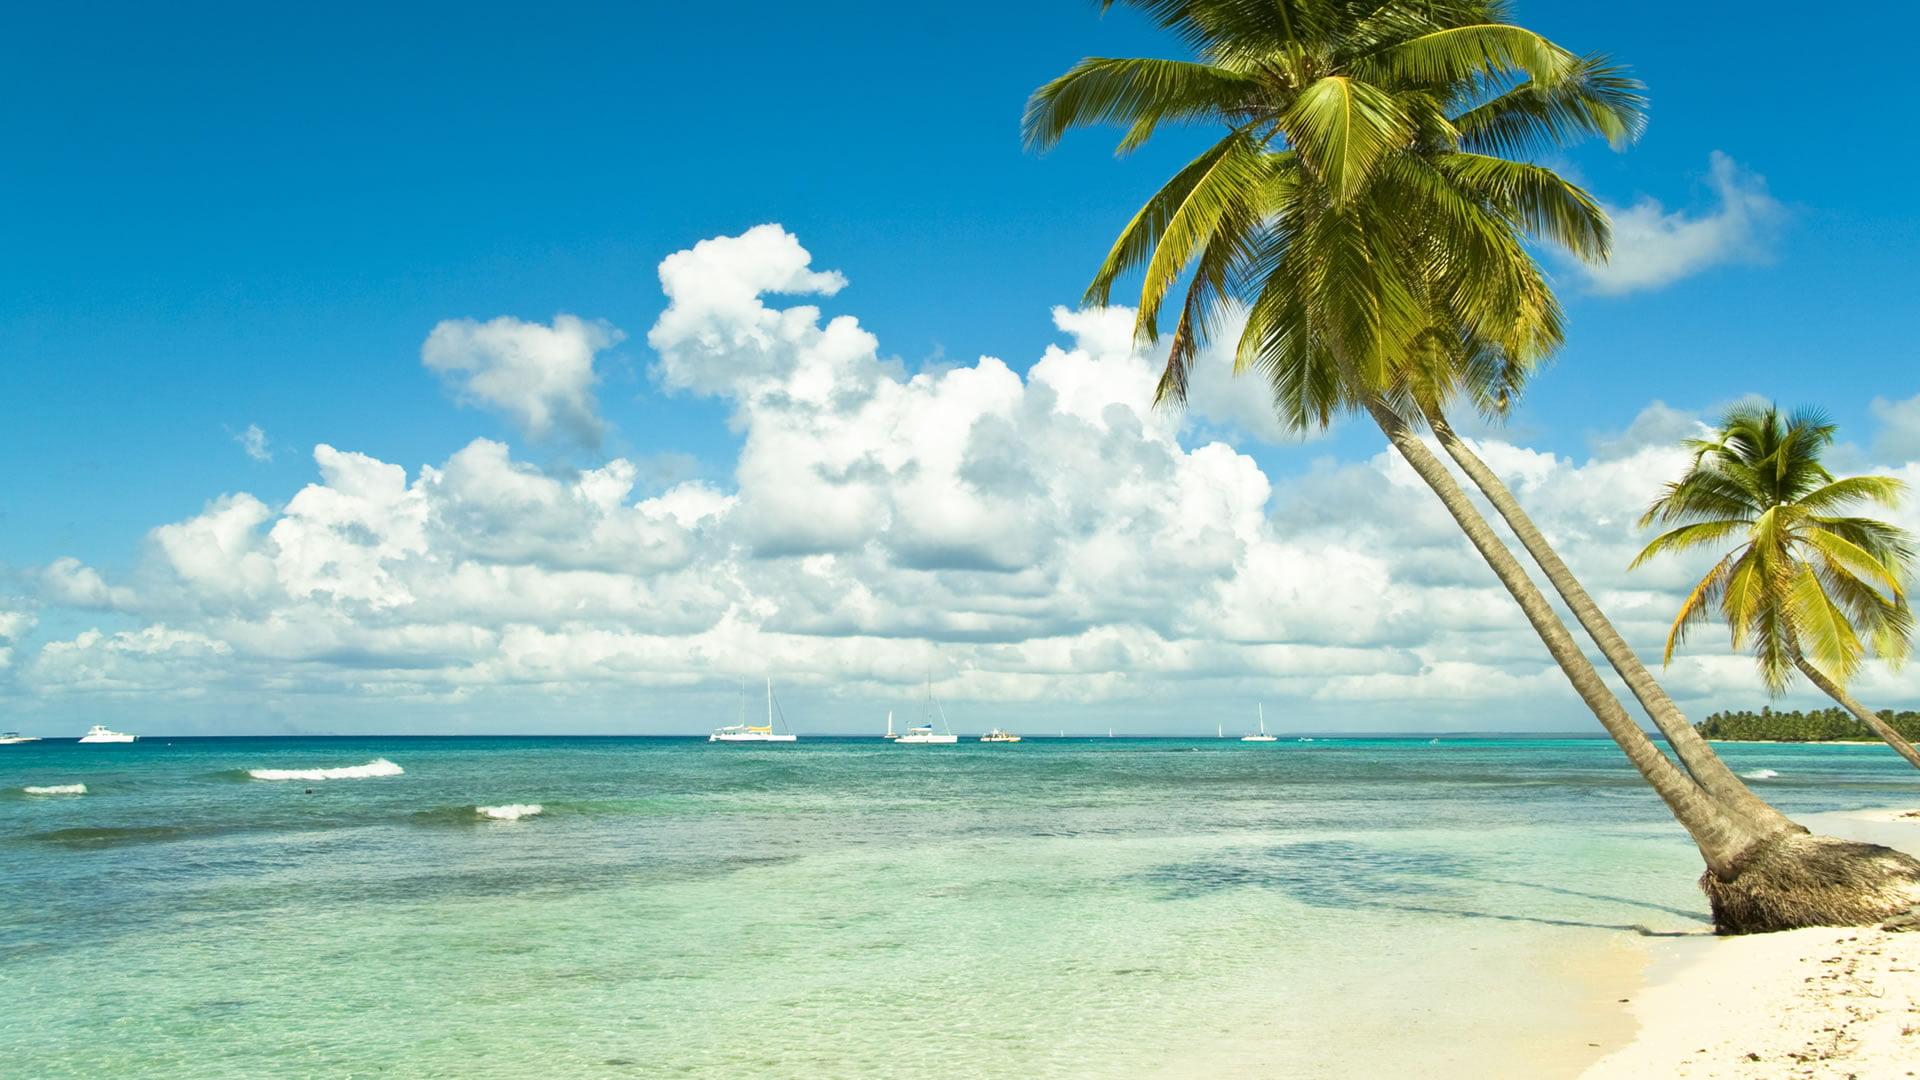 Consejos acerca de los trámites a realizar para viajar a la República Dominicana